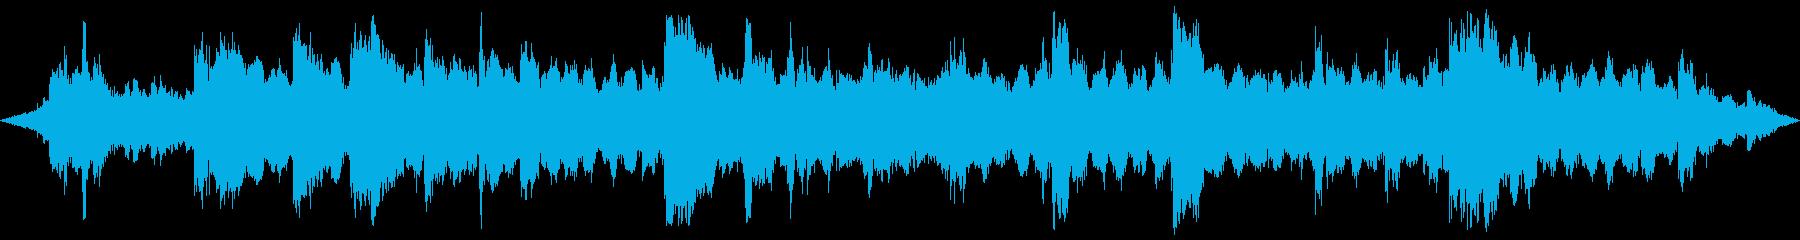 ヨガとマッサージ。ピアノのエアメロ...の再生済みの波形